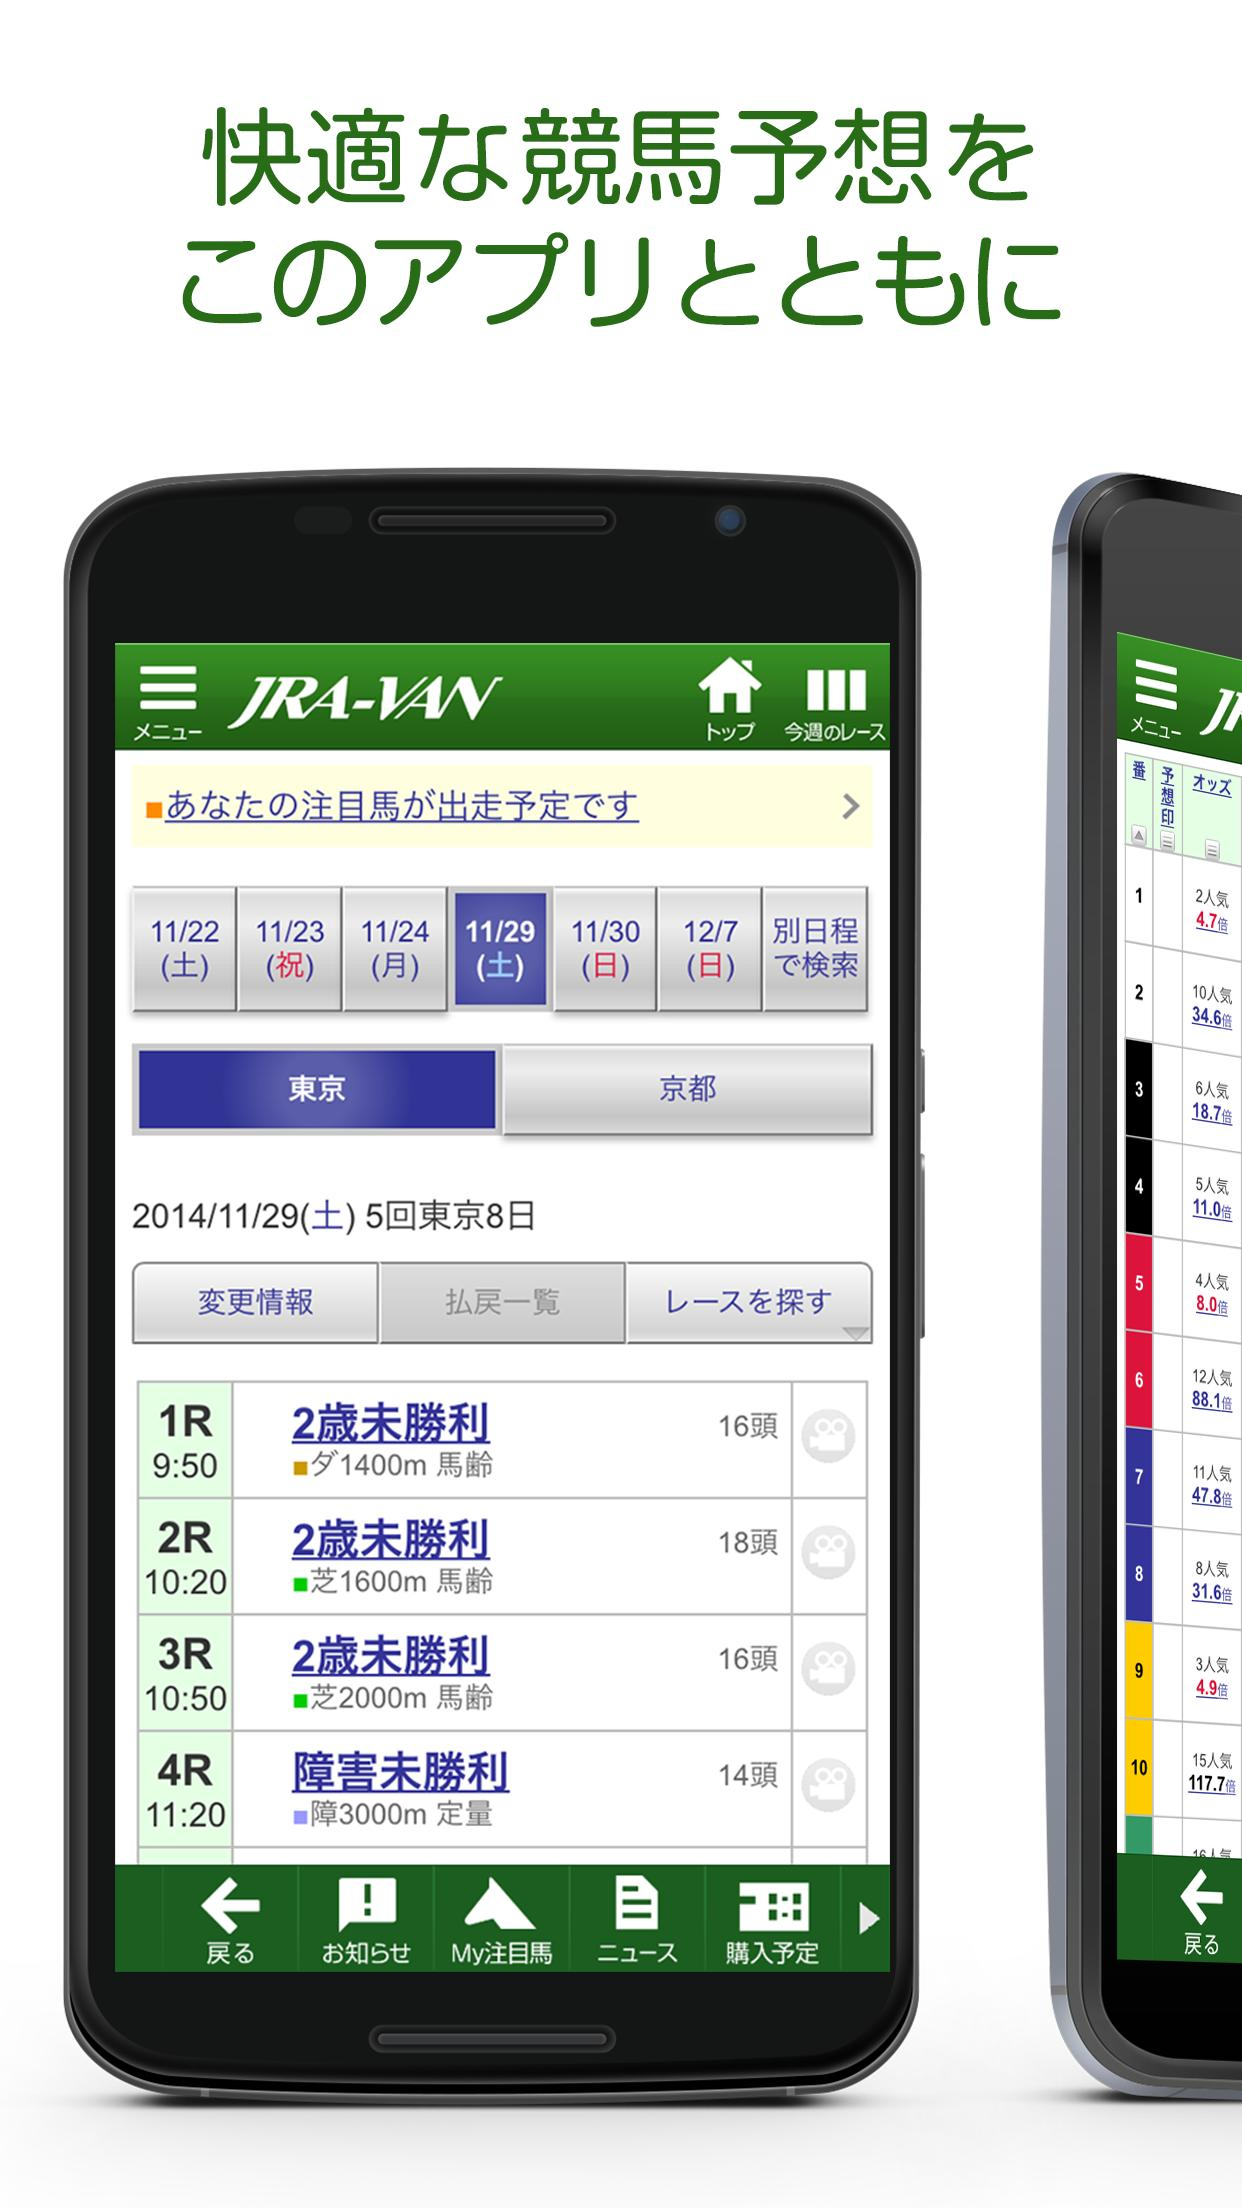 無料 Jra アプリ